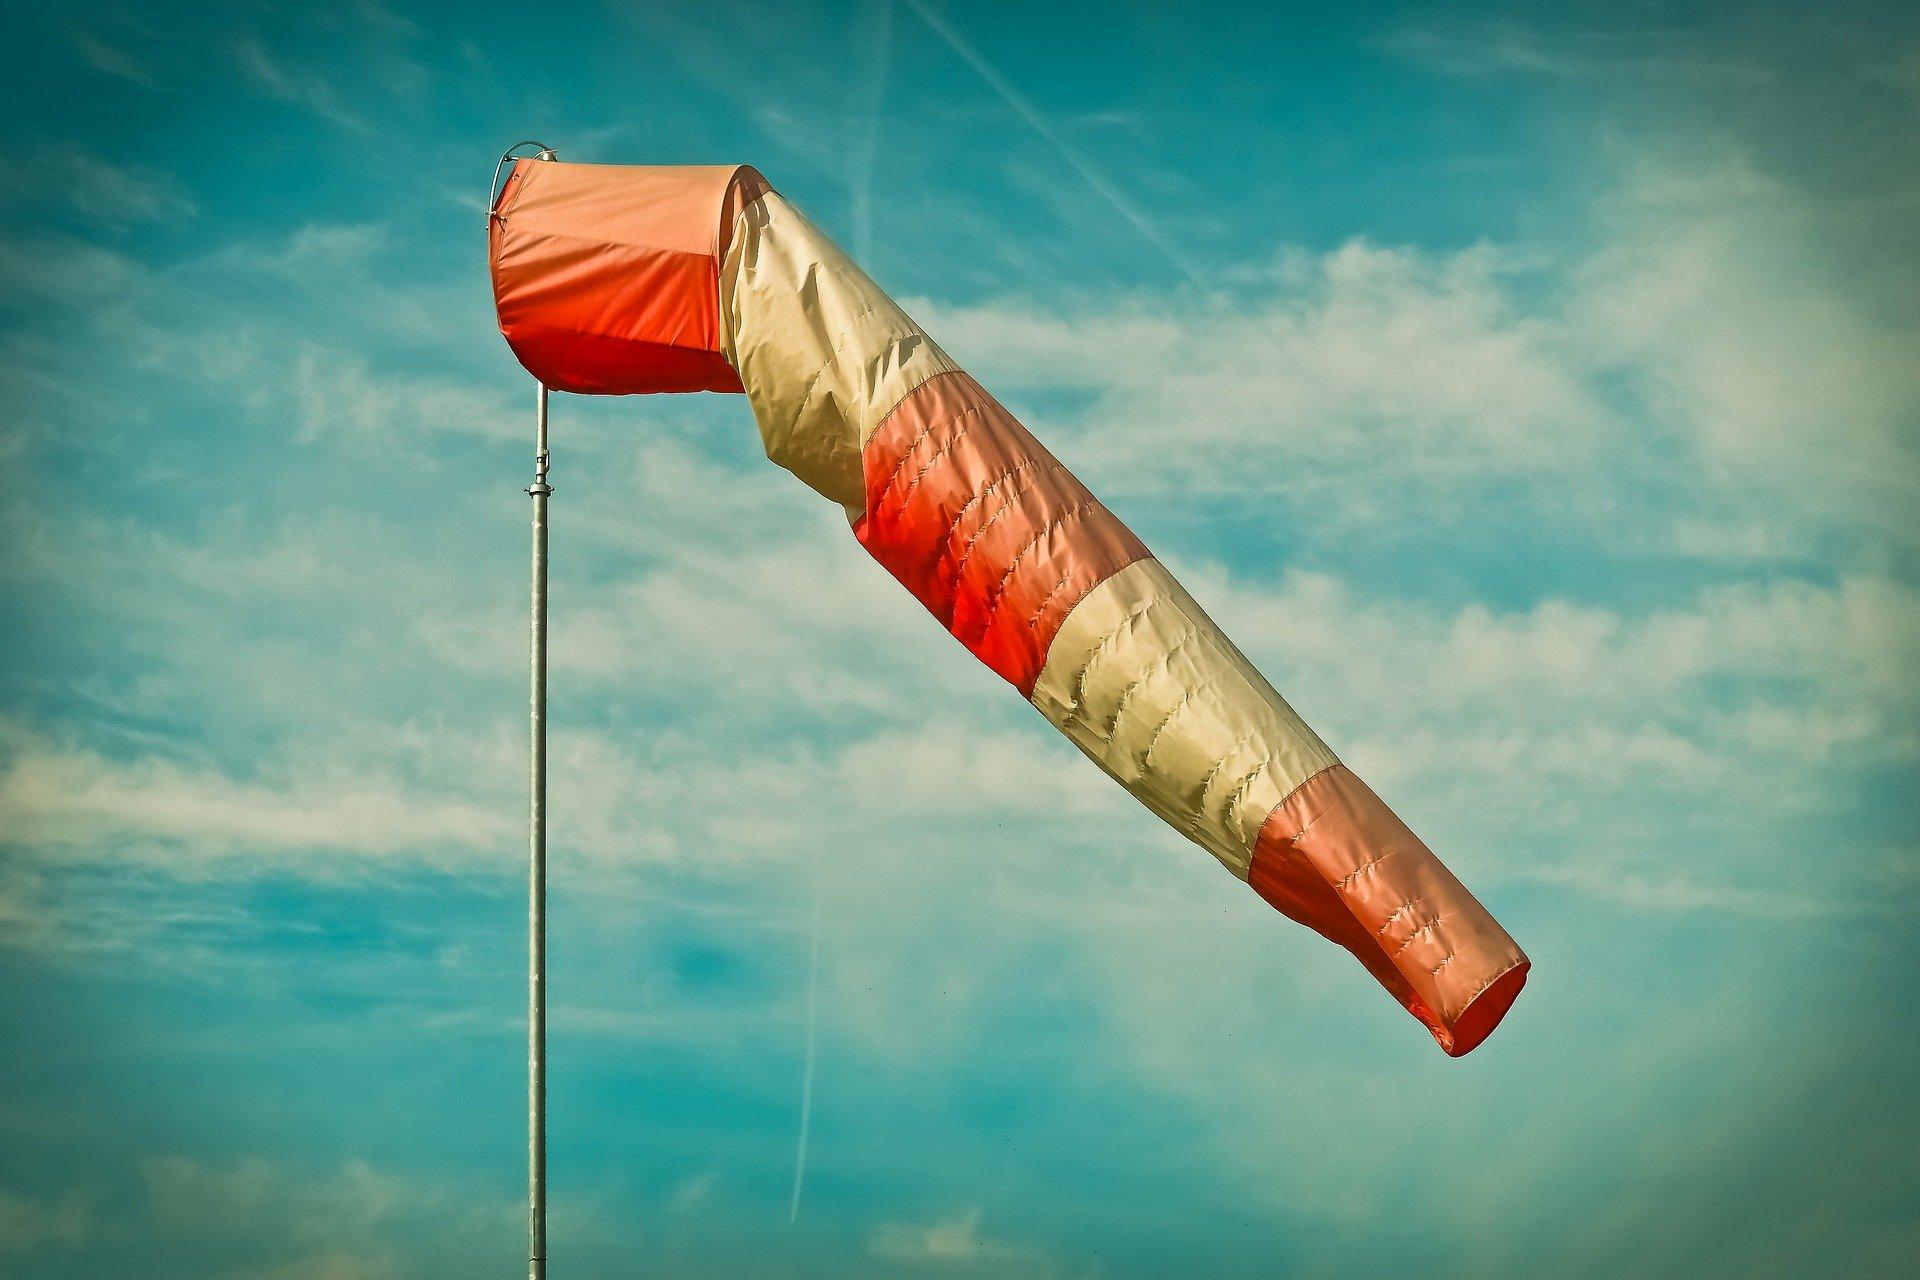 Prognozują porywisty wiatr